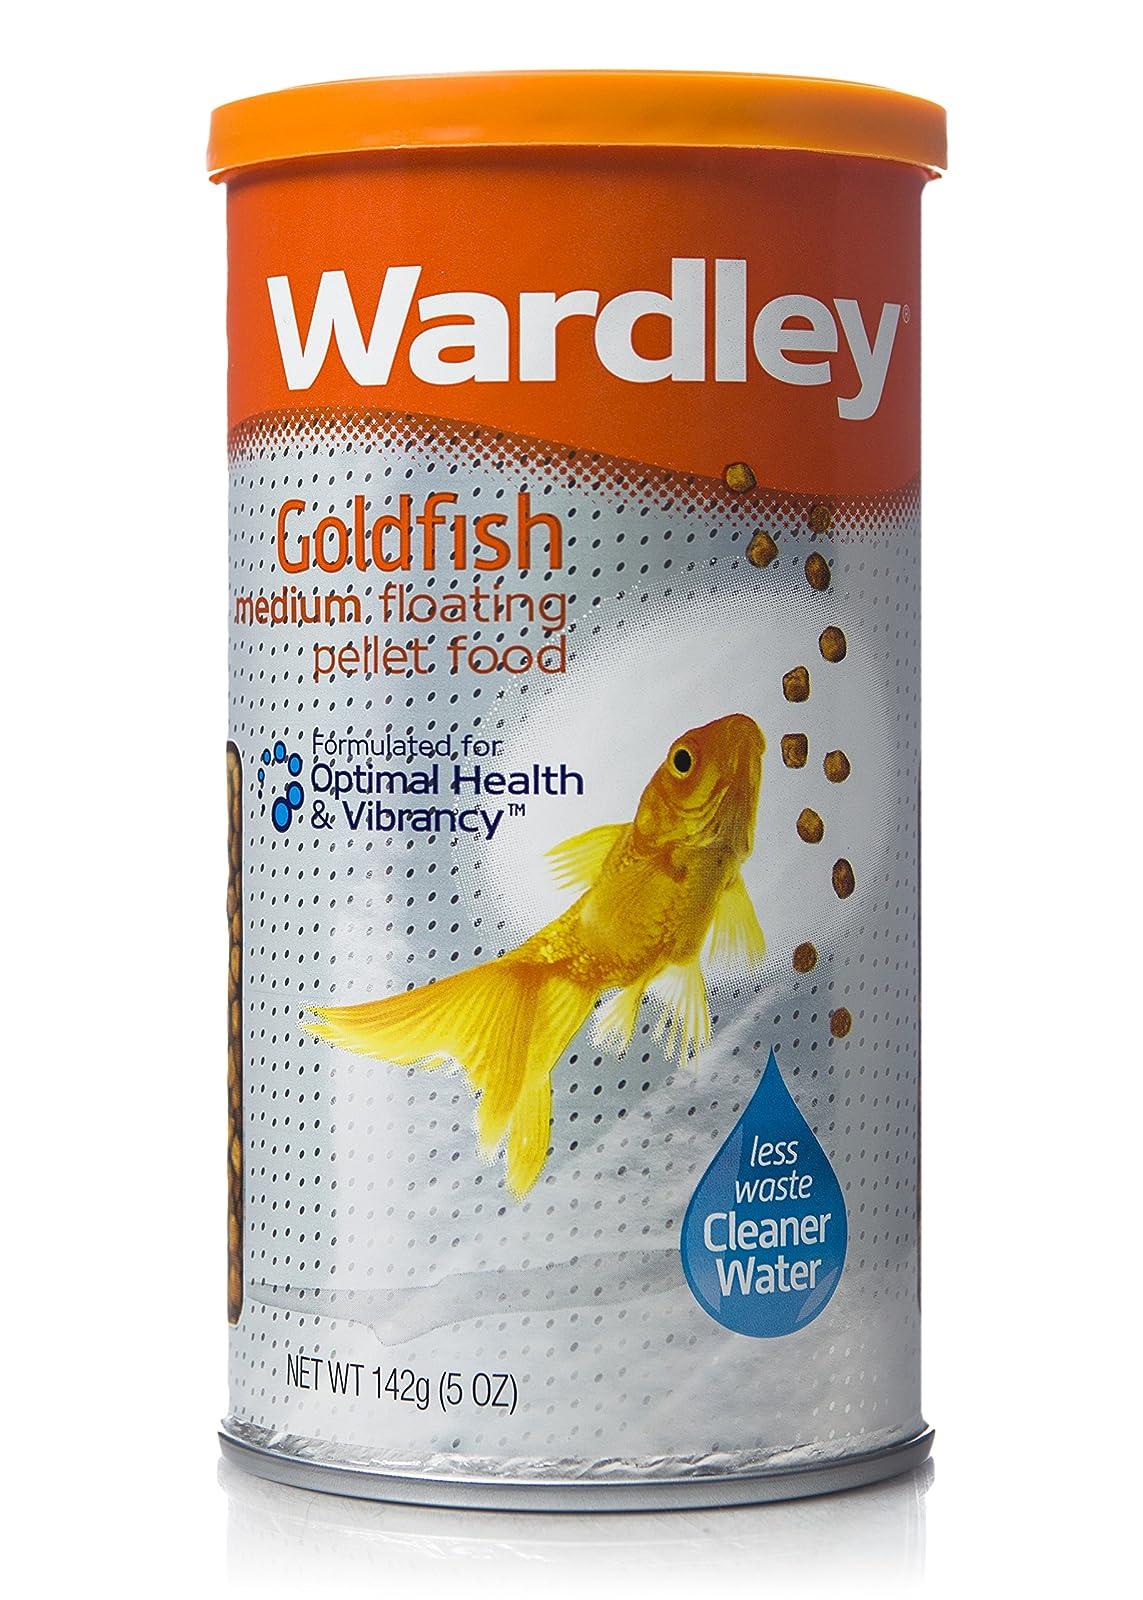 Hartz Wardley Goldfish Medium Floating Pellets 142- 4332400606 - 1